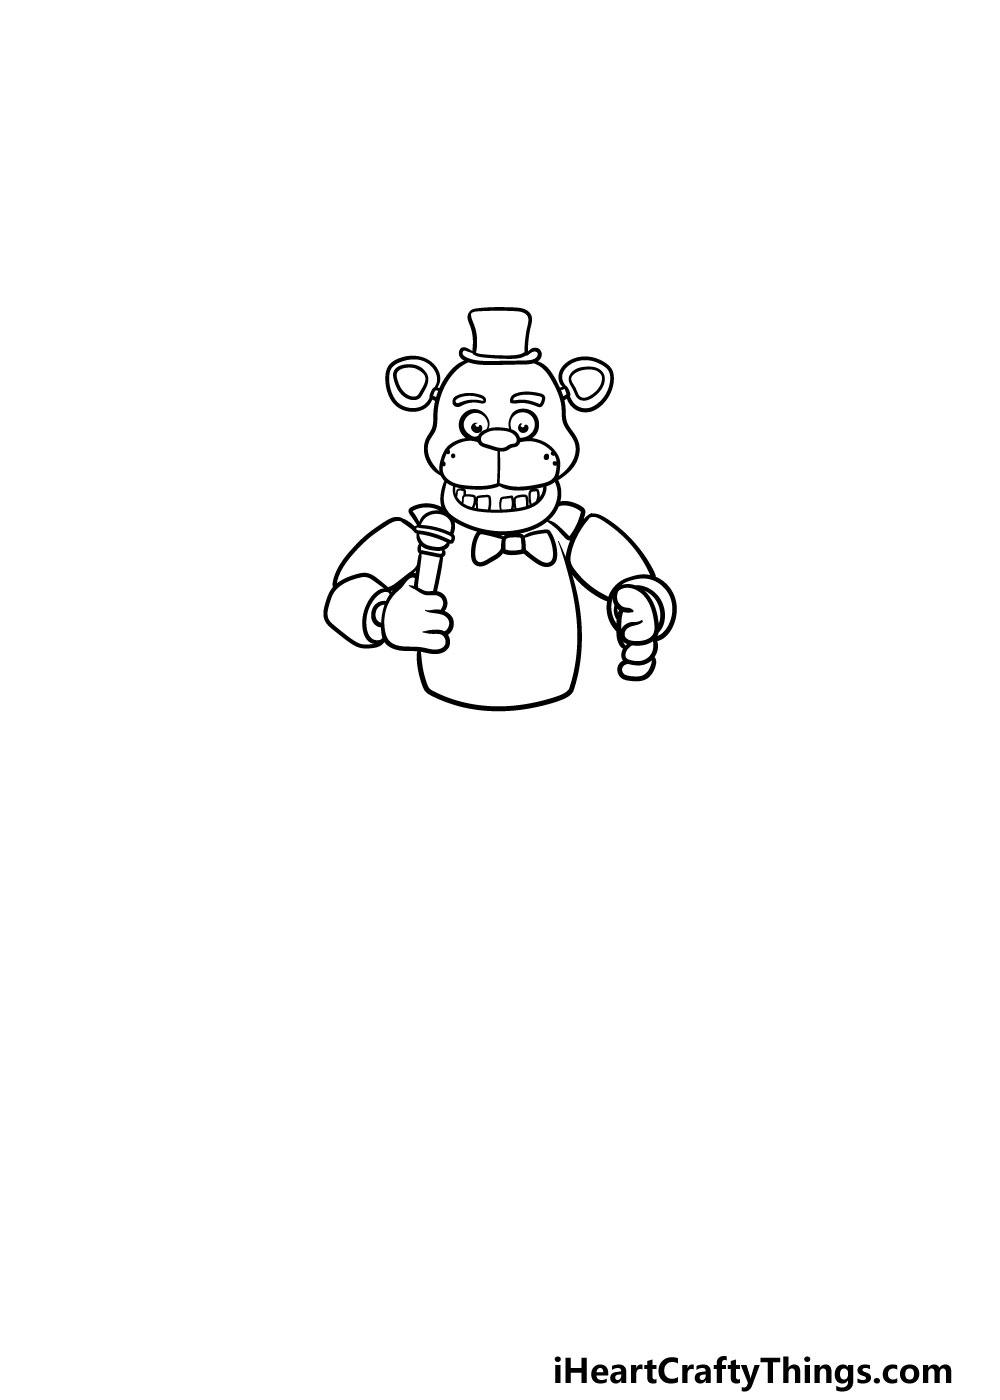 drawing Freddy Fazbear step 4